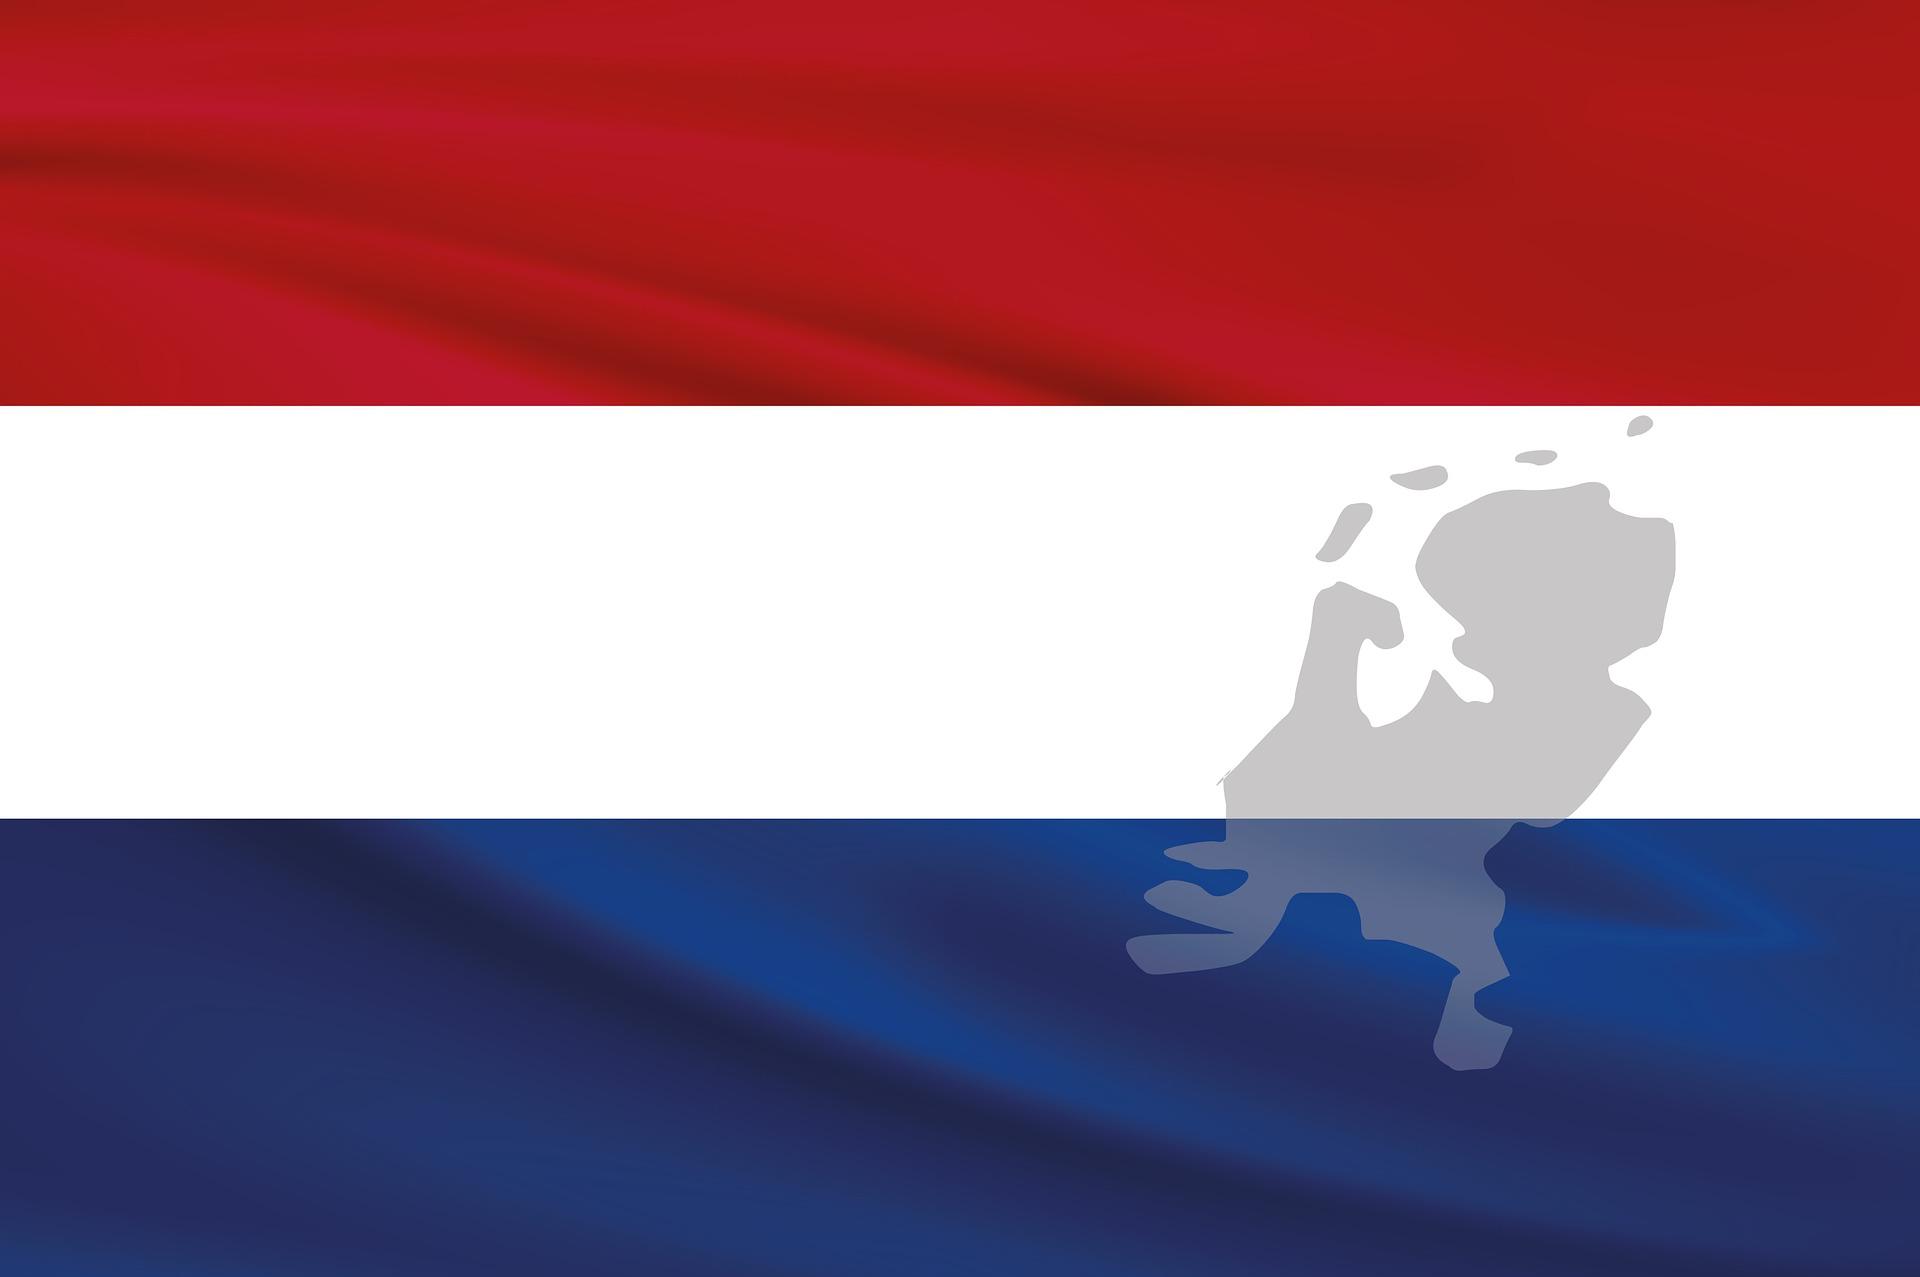 又有八个荷兰地区感染风险升级!荷兰超半数地区进入二级警戒状态